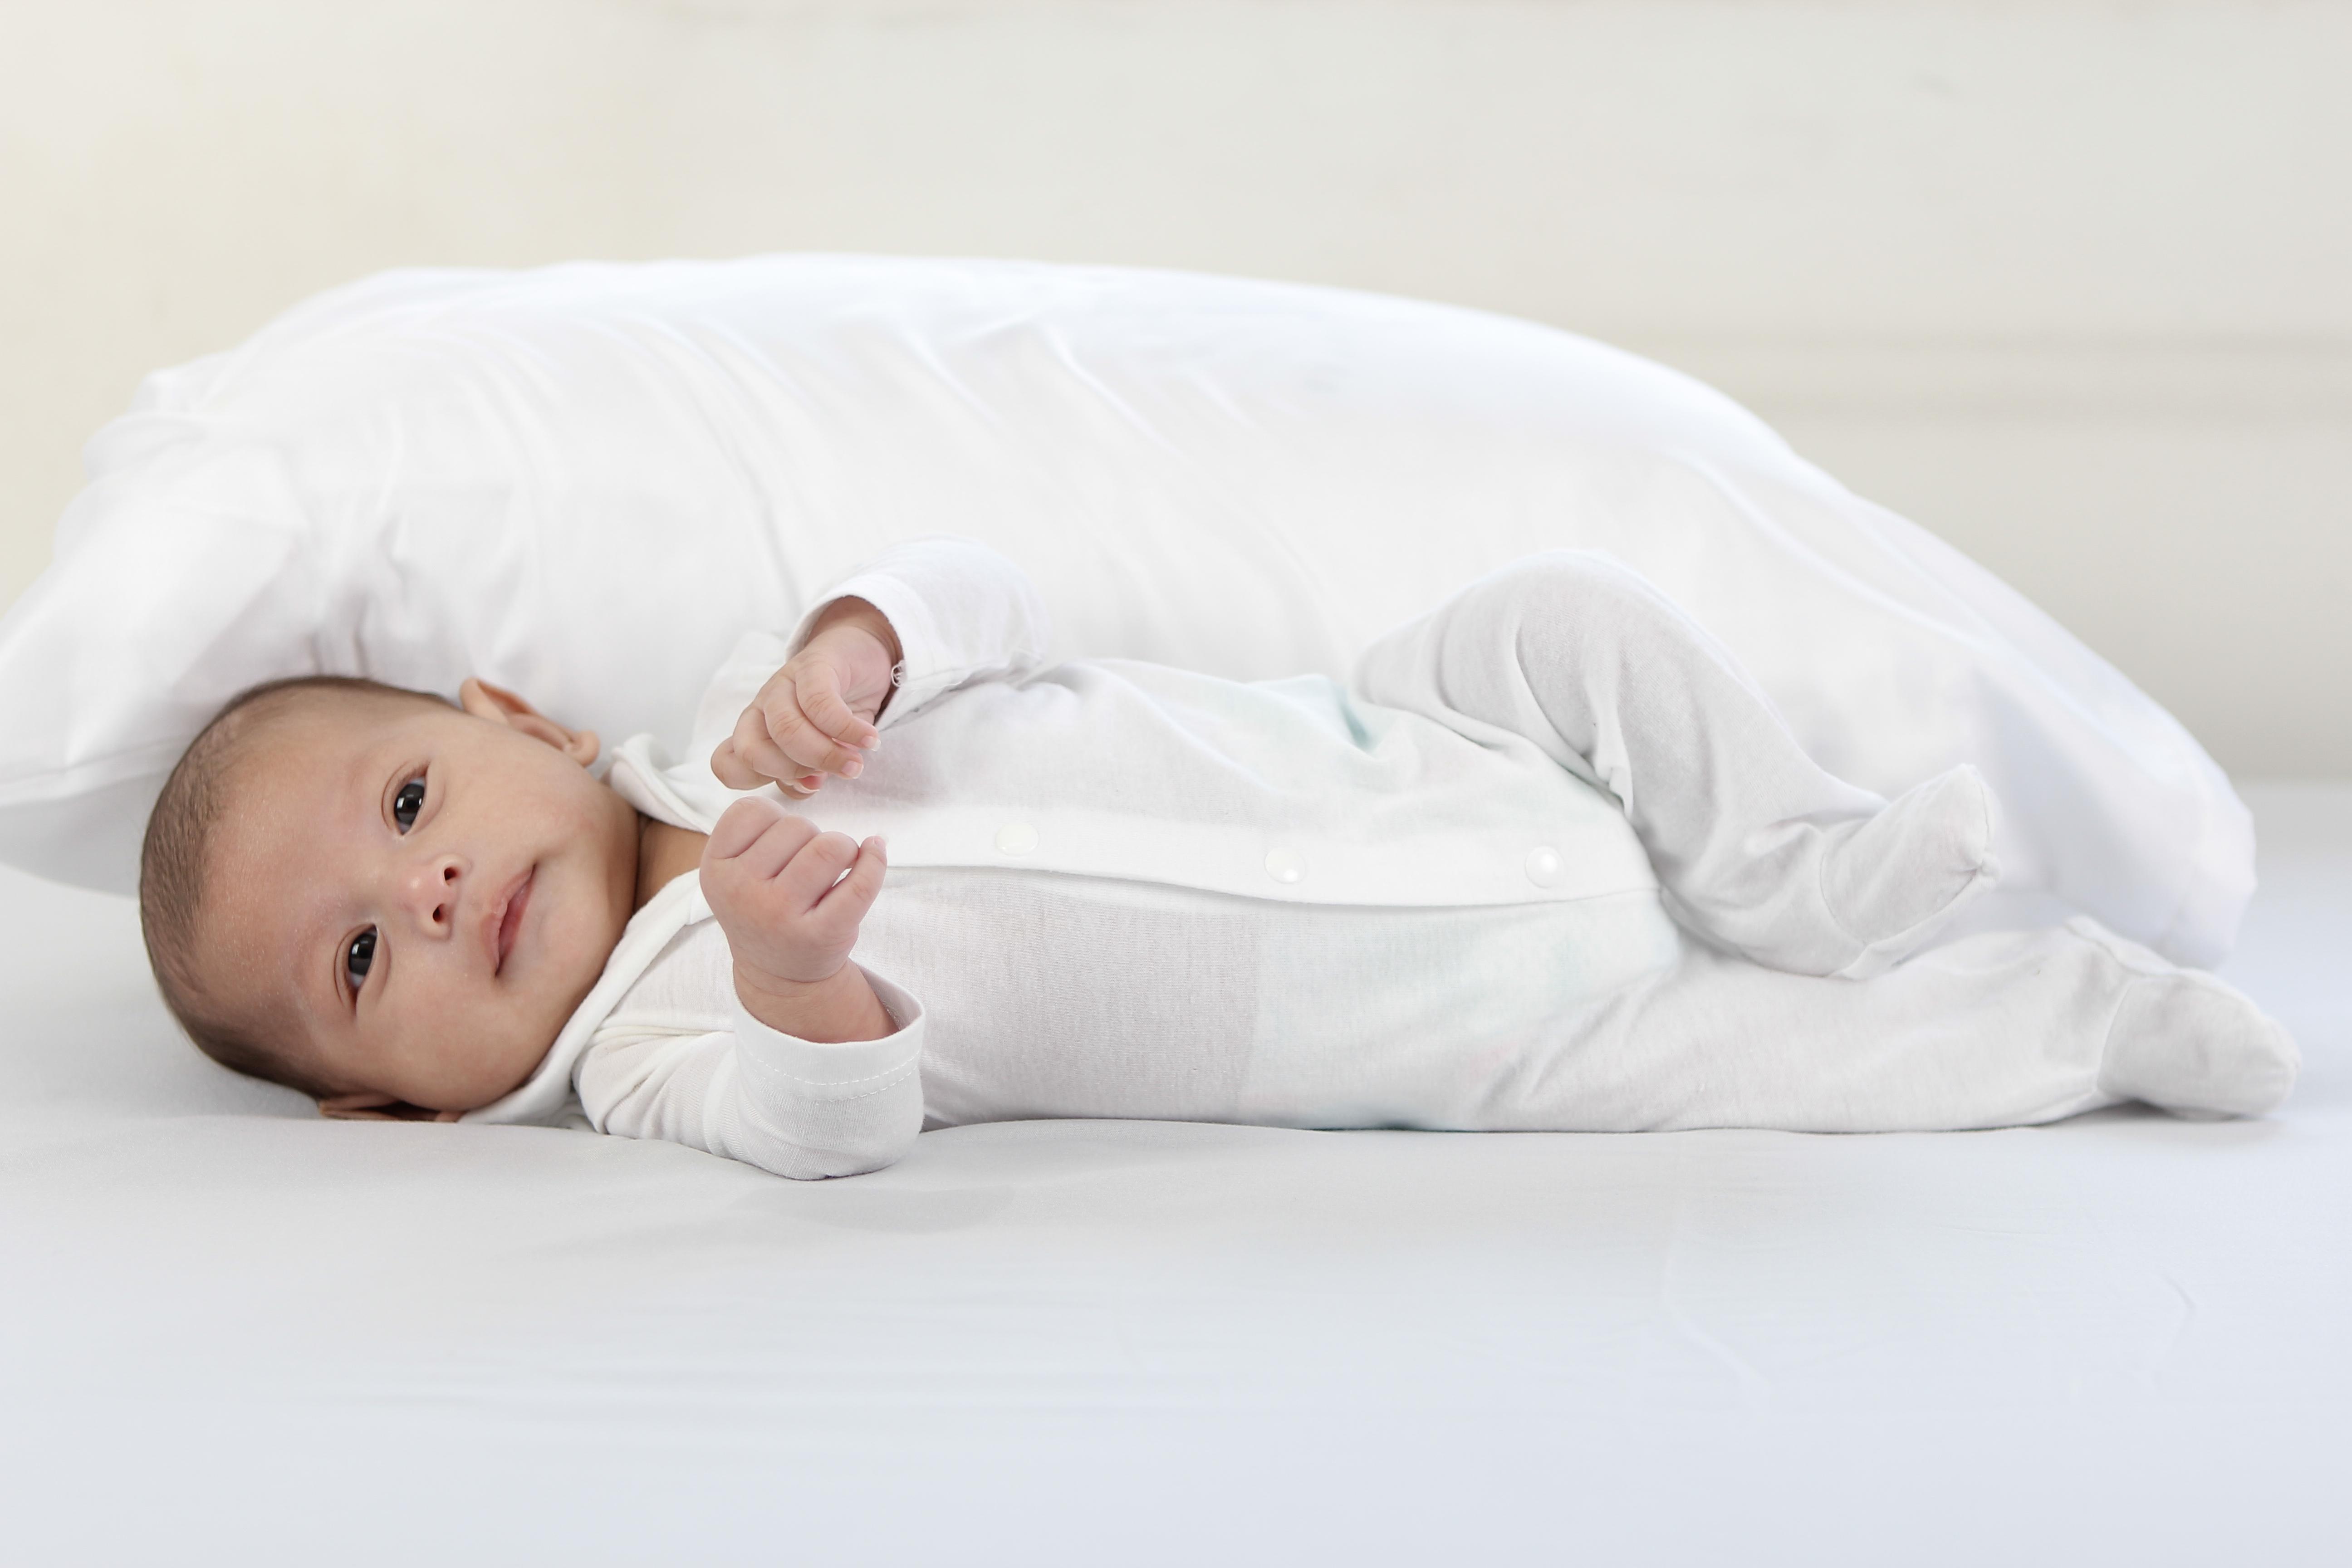 赤ちゃんのげっぷが出ないと病気?苦しそう…新生児が吐く原因!